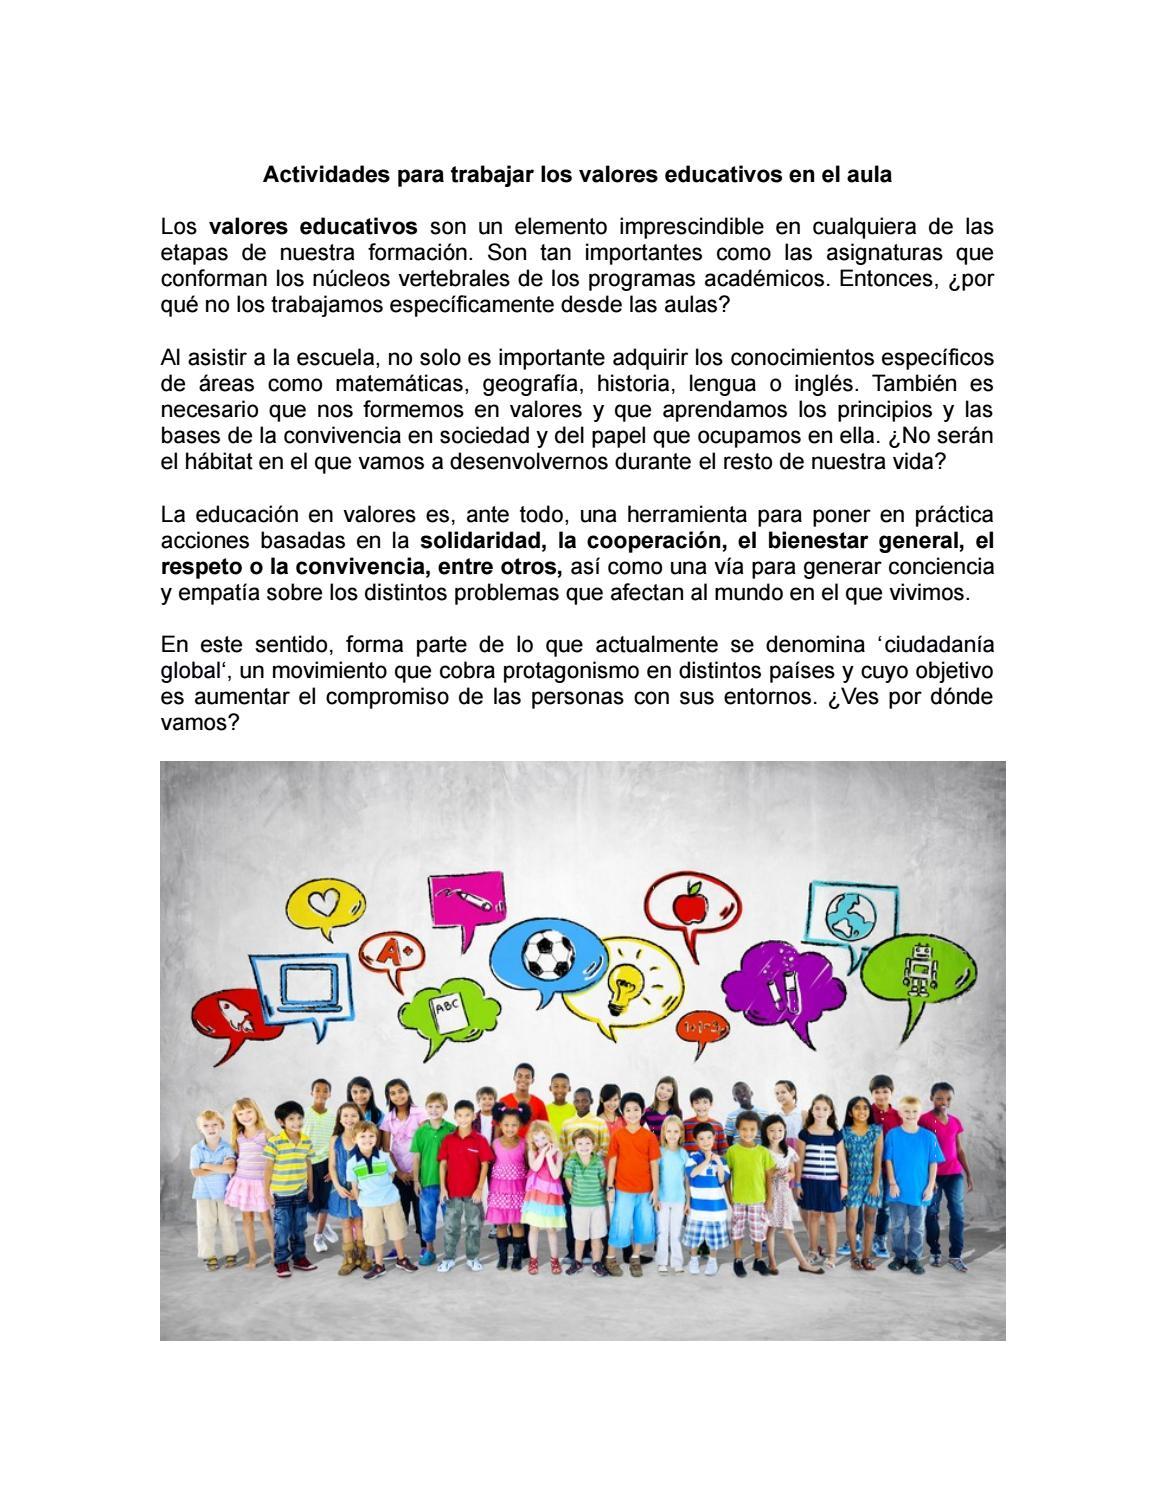 Actividades Para Trabajar Los Valores Educativos En El Aula By Karla Juárez M Issuu